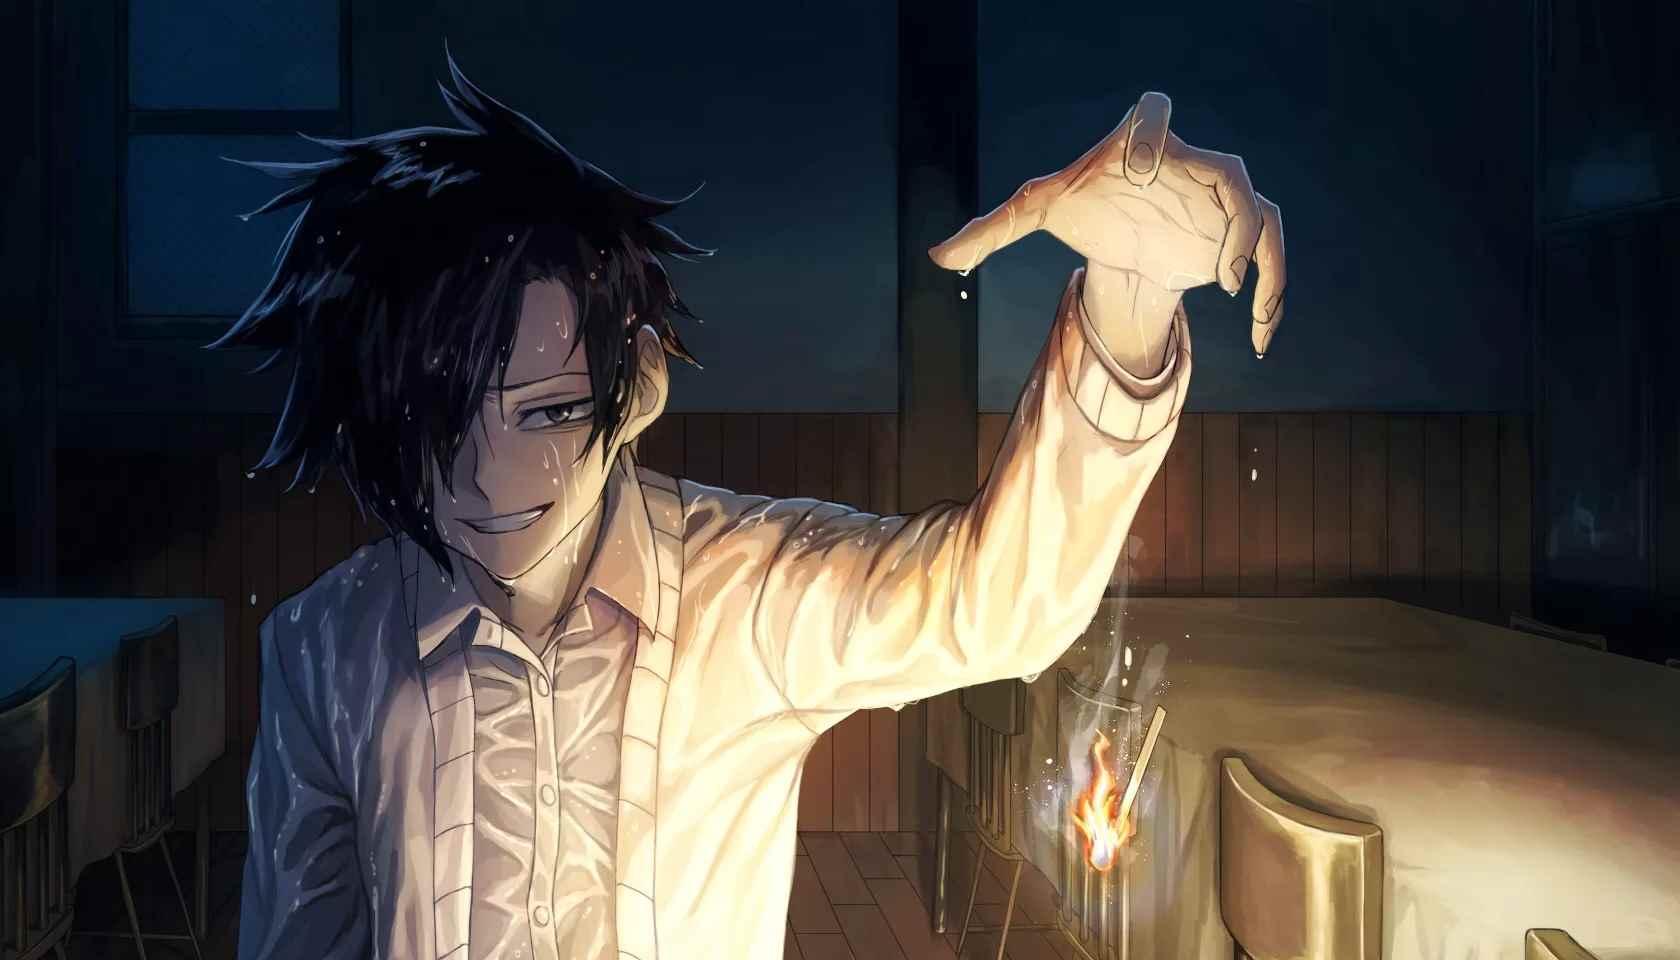 Картинки рей из аниме обещанный неверленд 14